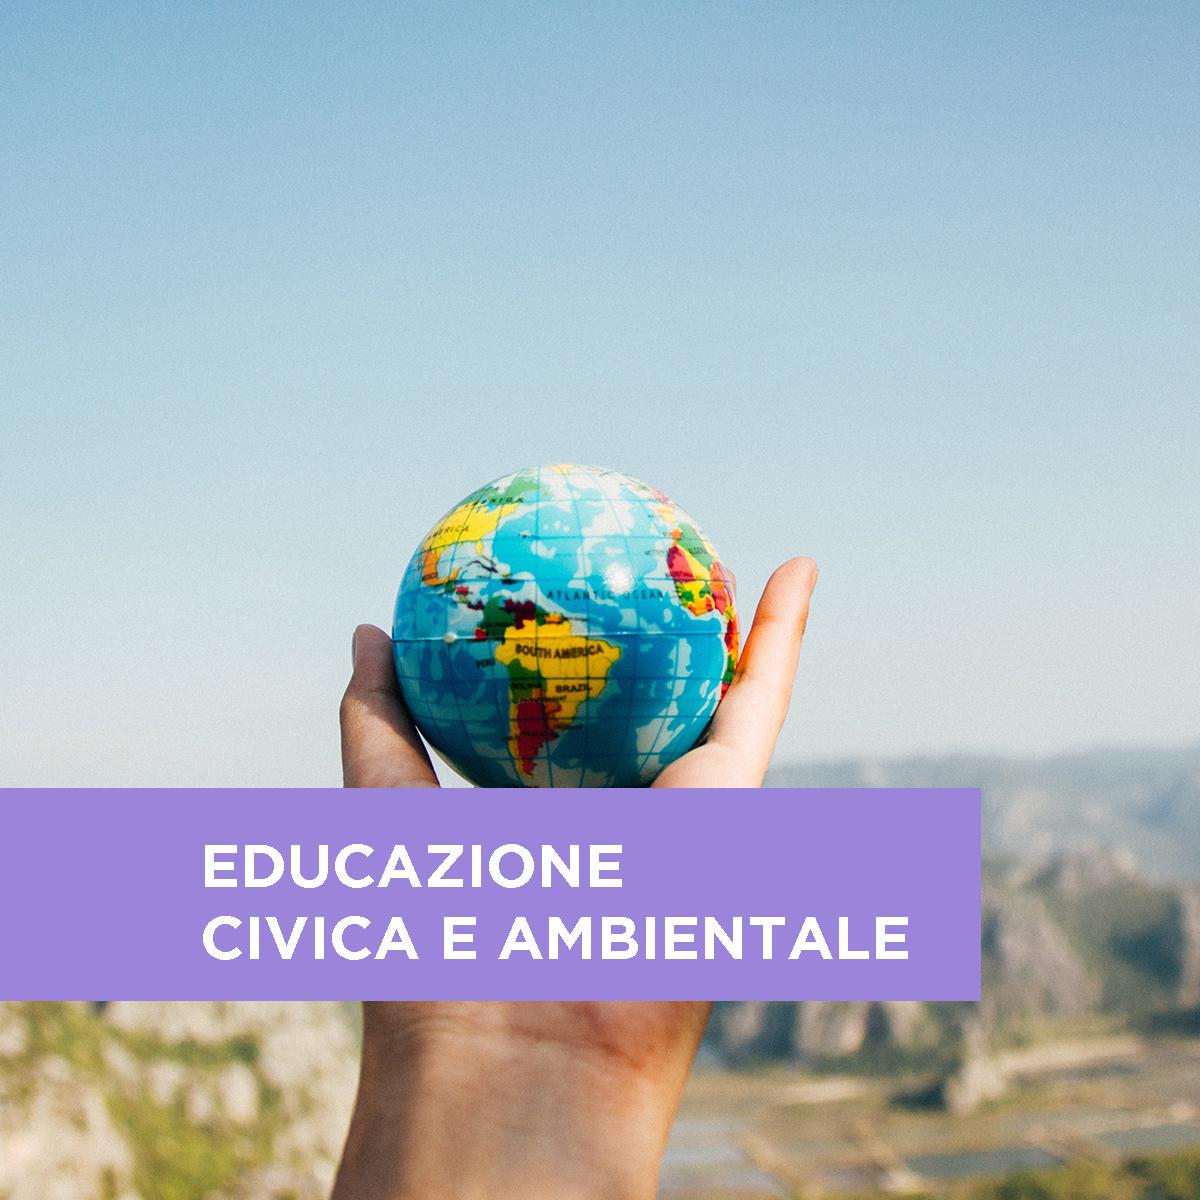 Economia circolare, sostenibilità e Agenda 2030: concetti chiave e percorsi didattici